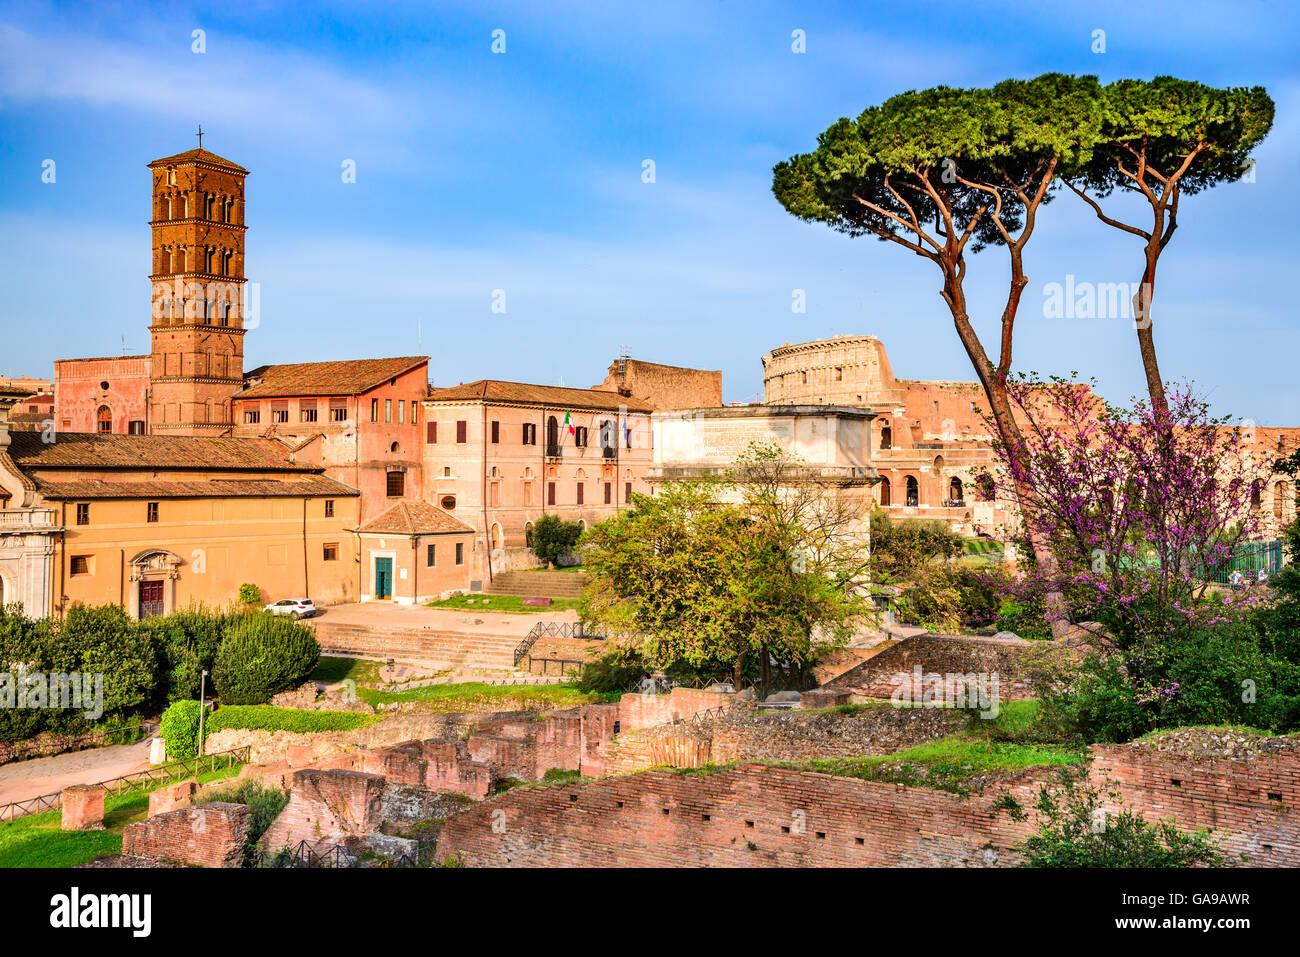 Roma, Italia. Increíble paisaje con ruinas del Foro Romano y del Coliseo, Anfiteatro Flavio. Imagen De Stock